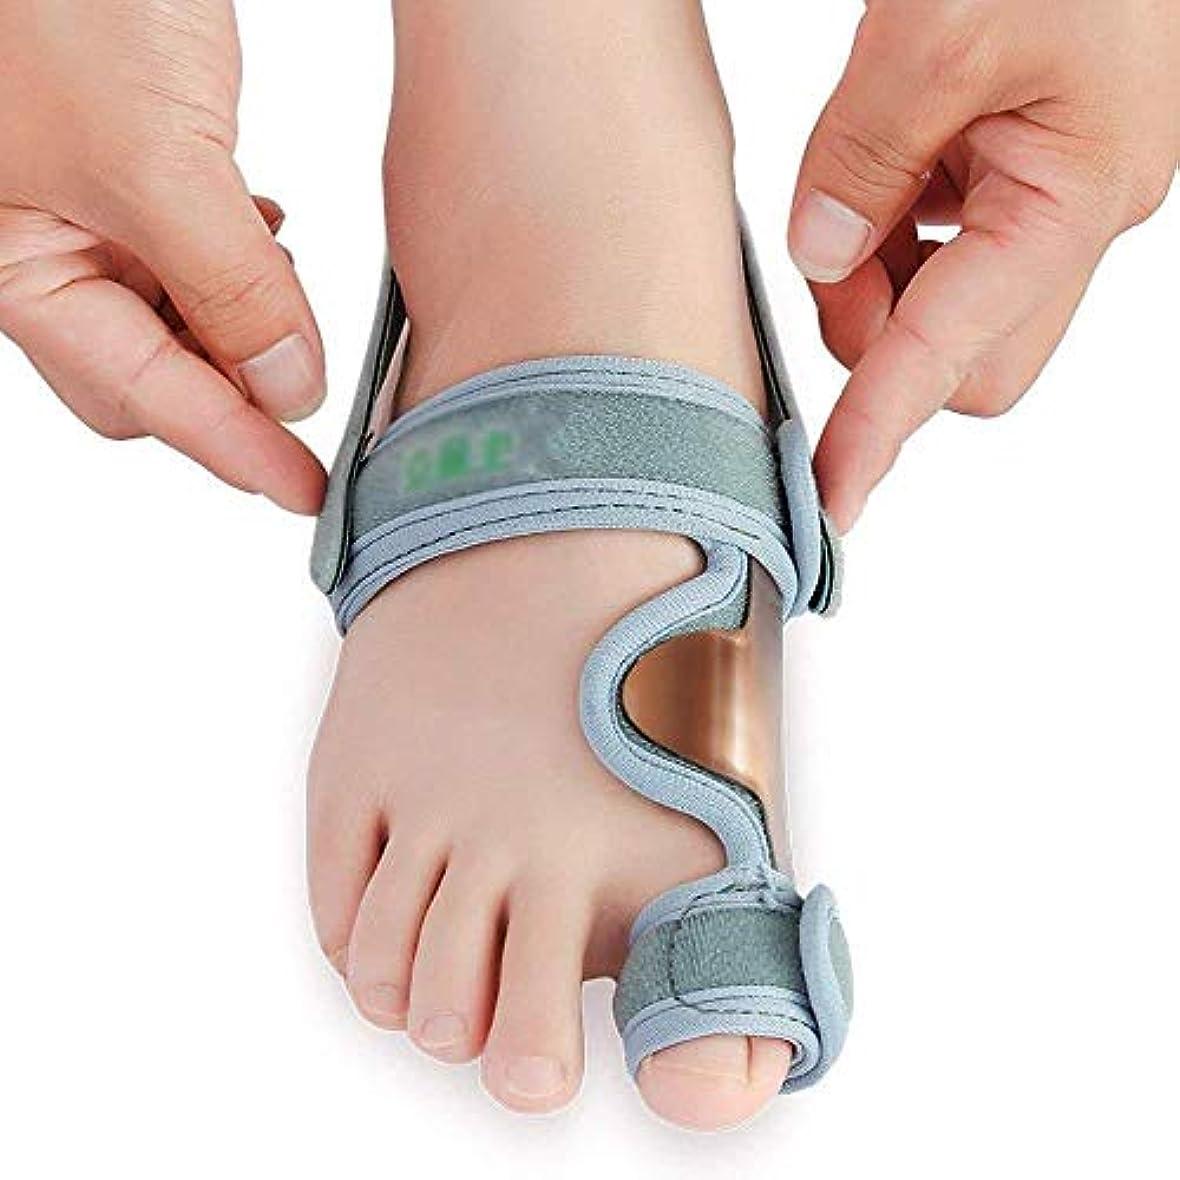 実行する恩赦風が強い外反母ortho装具、女性および男性の足の親指の矯正、遮るもののない外反母and、外反母gusの痛みが夜の副木を緩和する,Left Foot